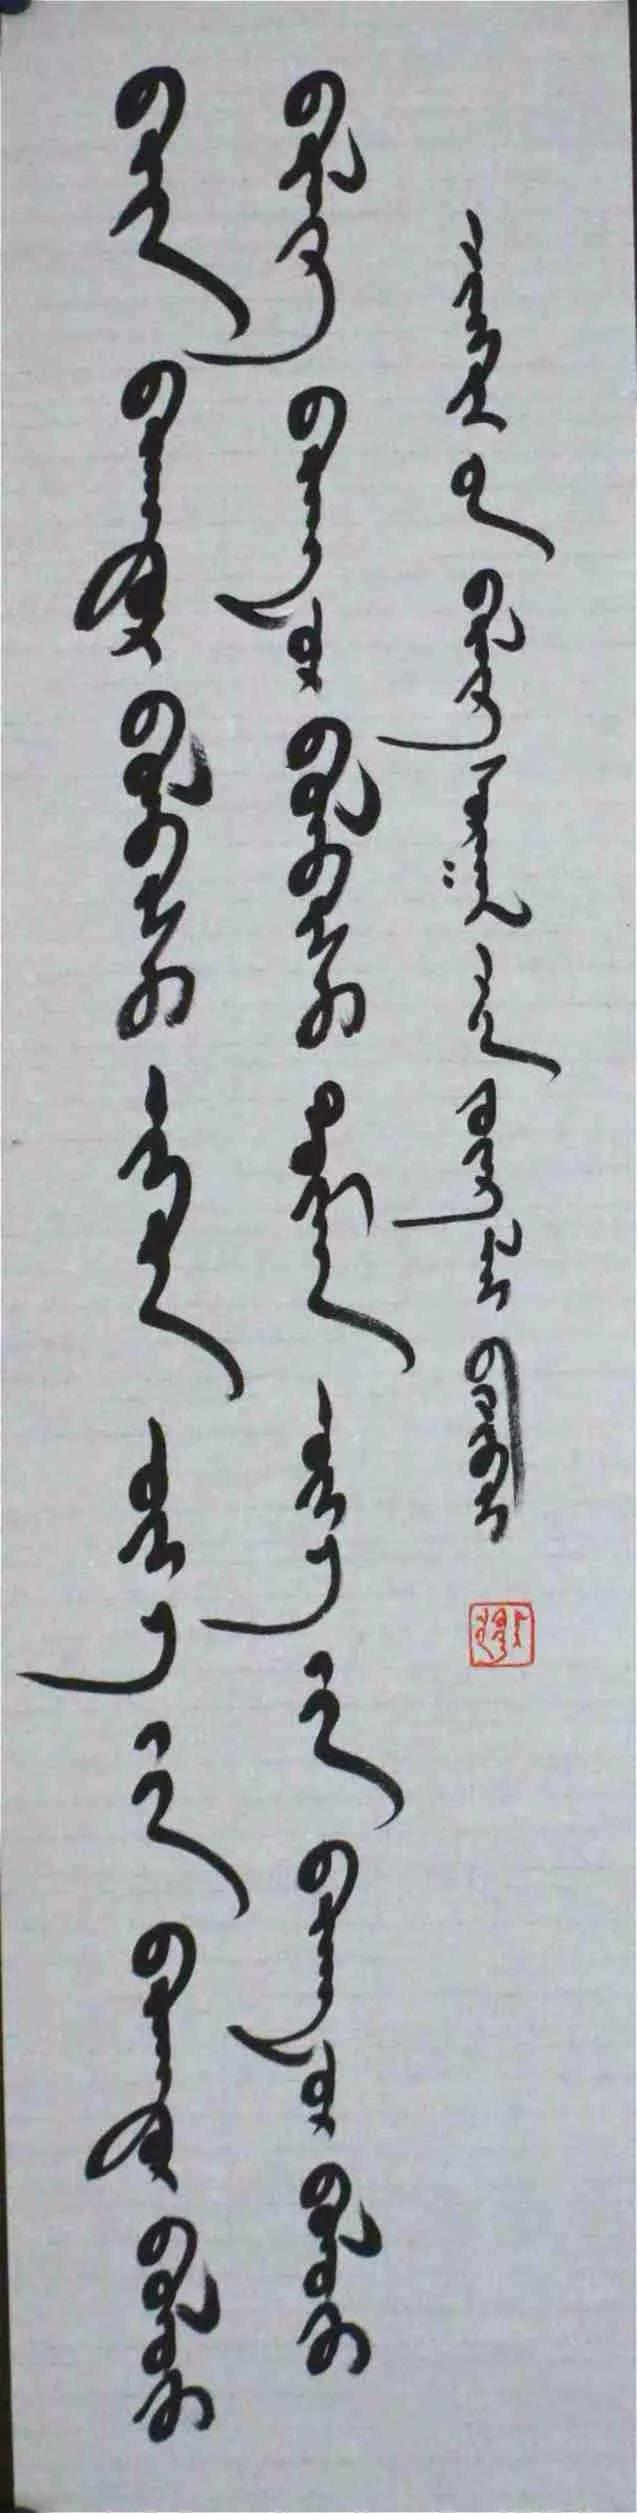 【好看】陈忠来书法作品欣赏 第23张 【好看】陈忠来书法作品欣赏 蒙古书法